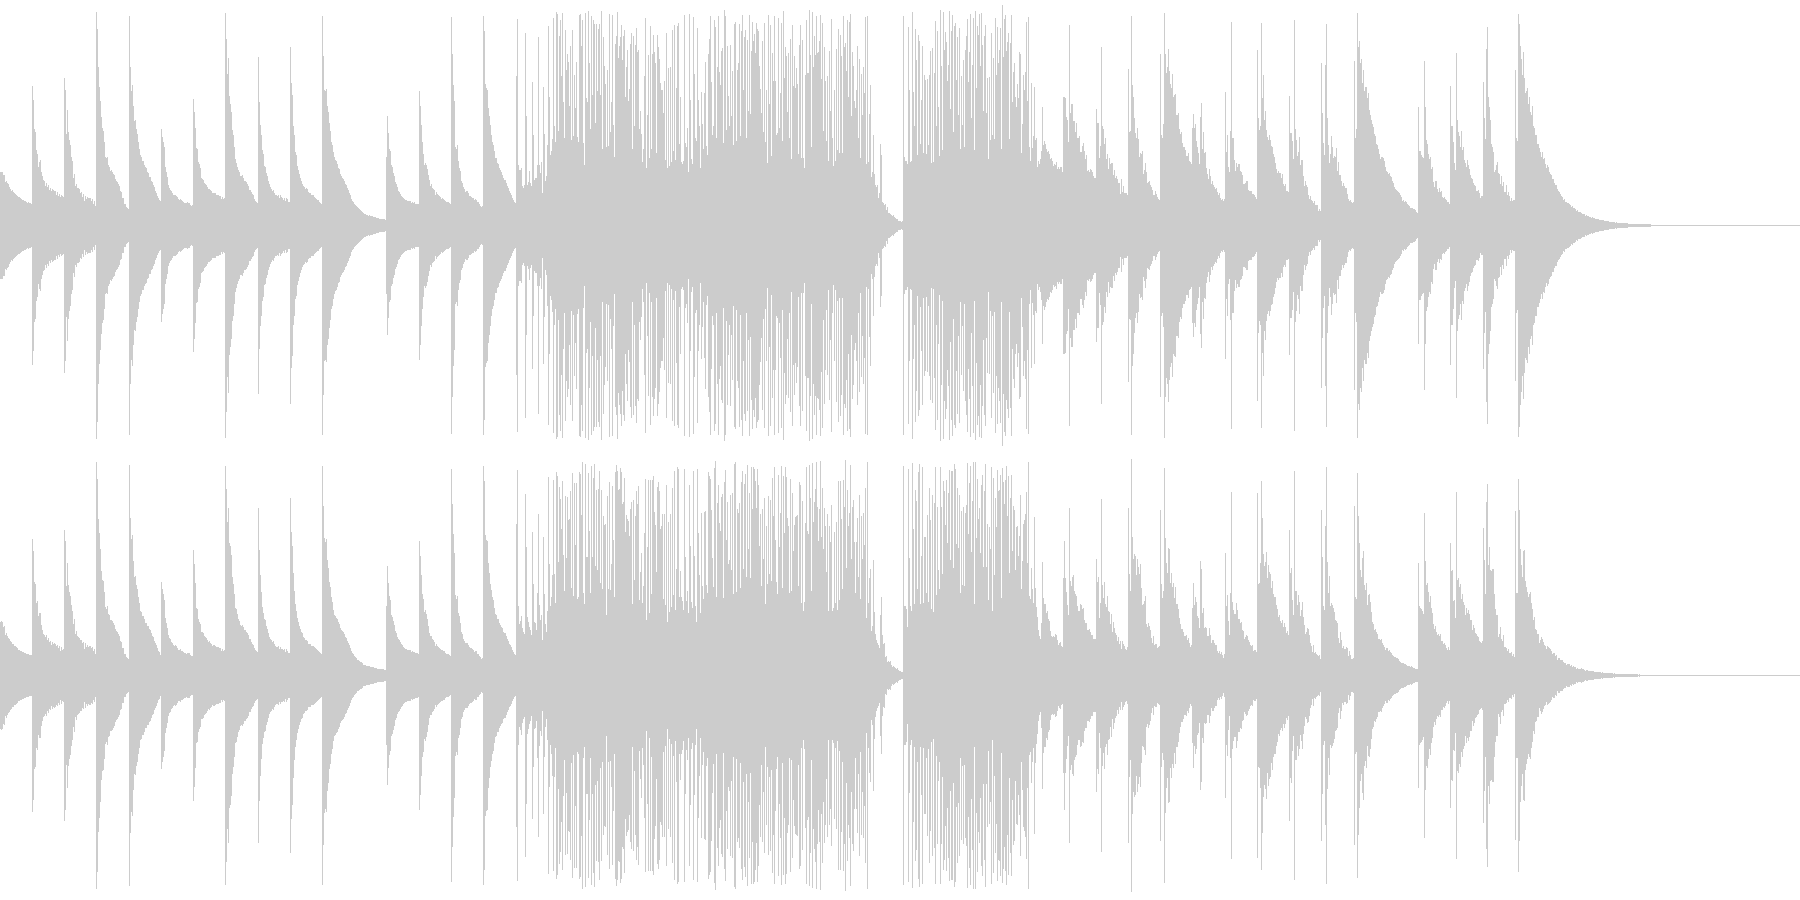 アイキャッチ オルゴールの音ですの未再生の波形